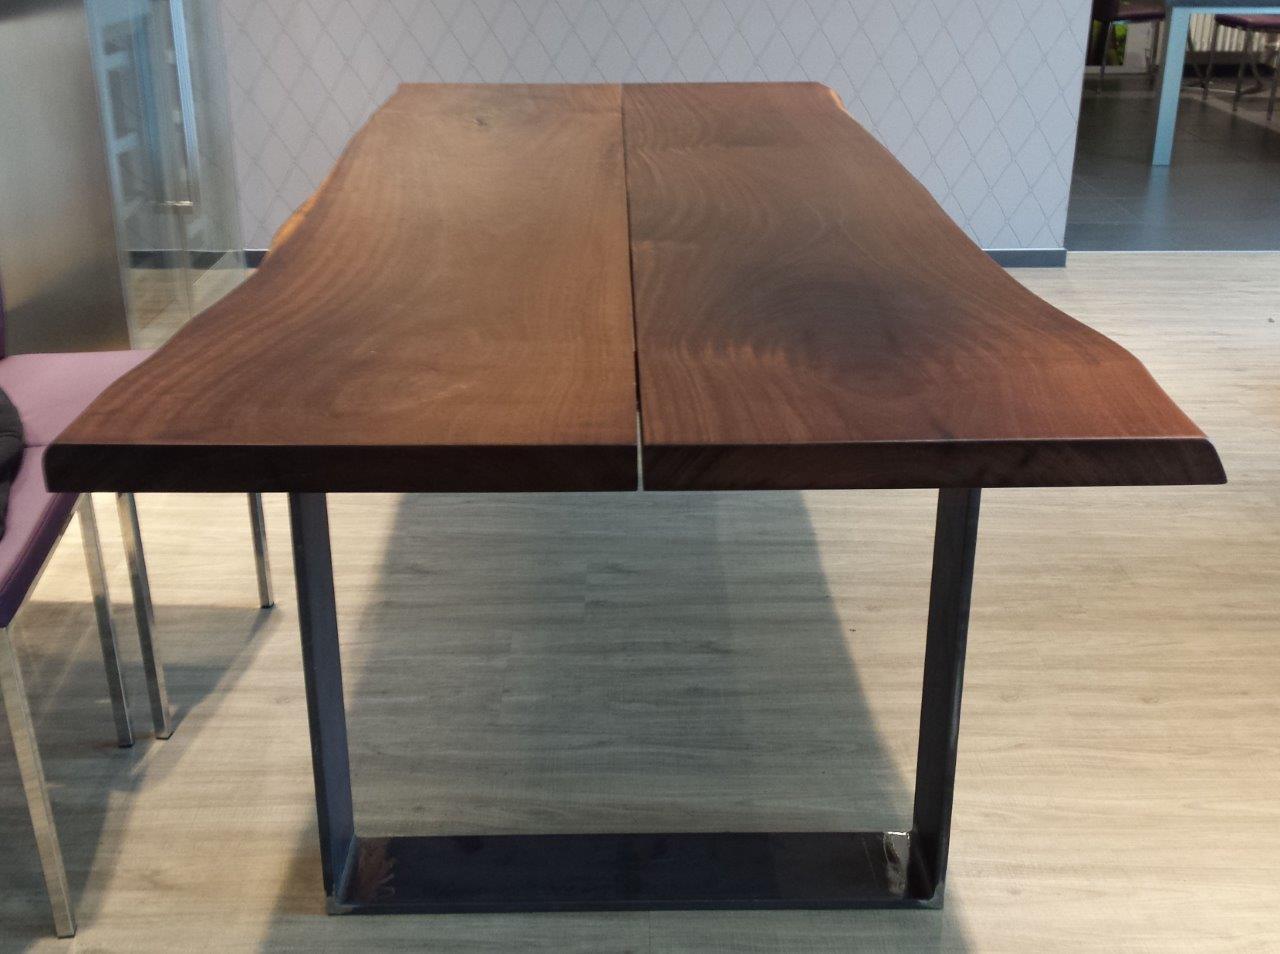 tisch bauen top kuche aus holz selber bauen tisch fr kche selber bauen charmant tolle kche. Black Bedroom Furniture Sets. Home Design Ideas